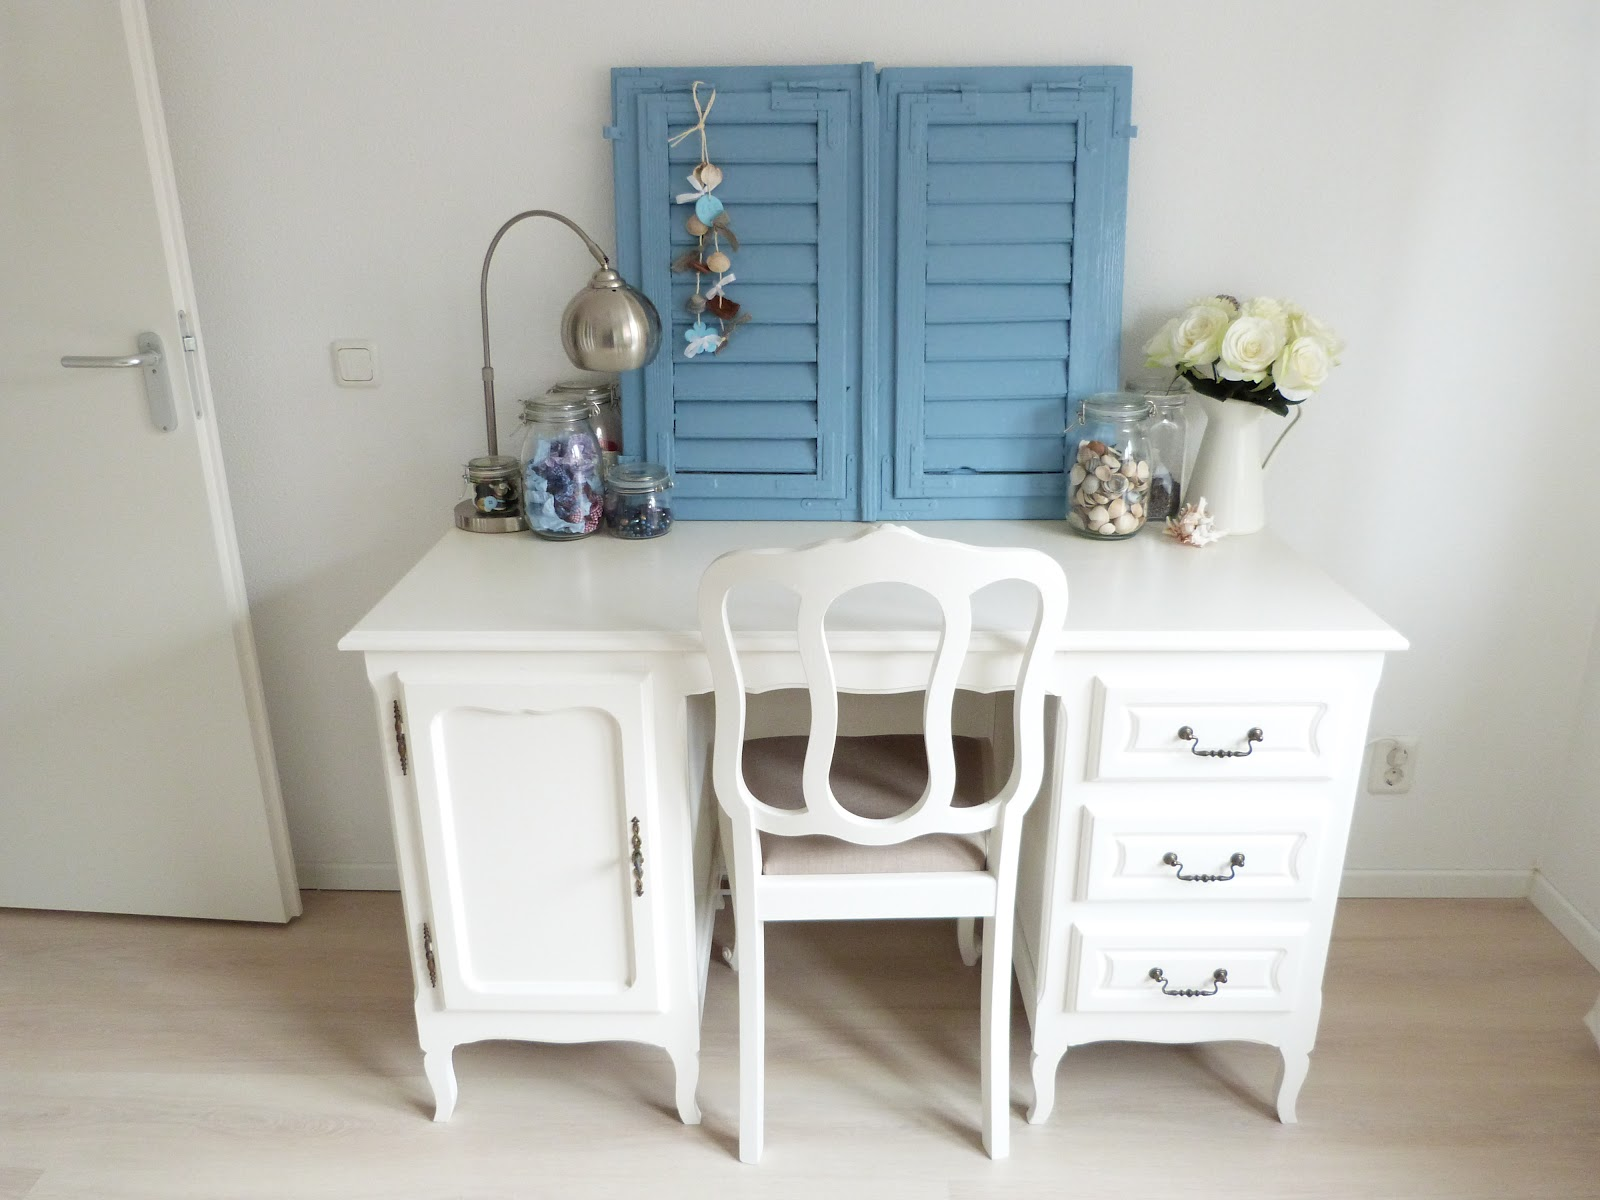 Brocante slaapkamer meubels beste inspiratie voor huis for Brocante meubels